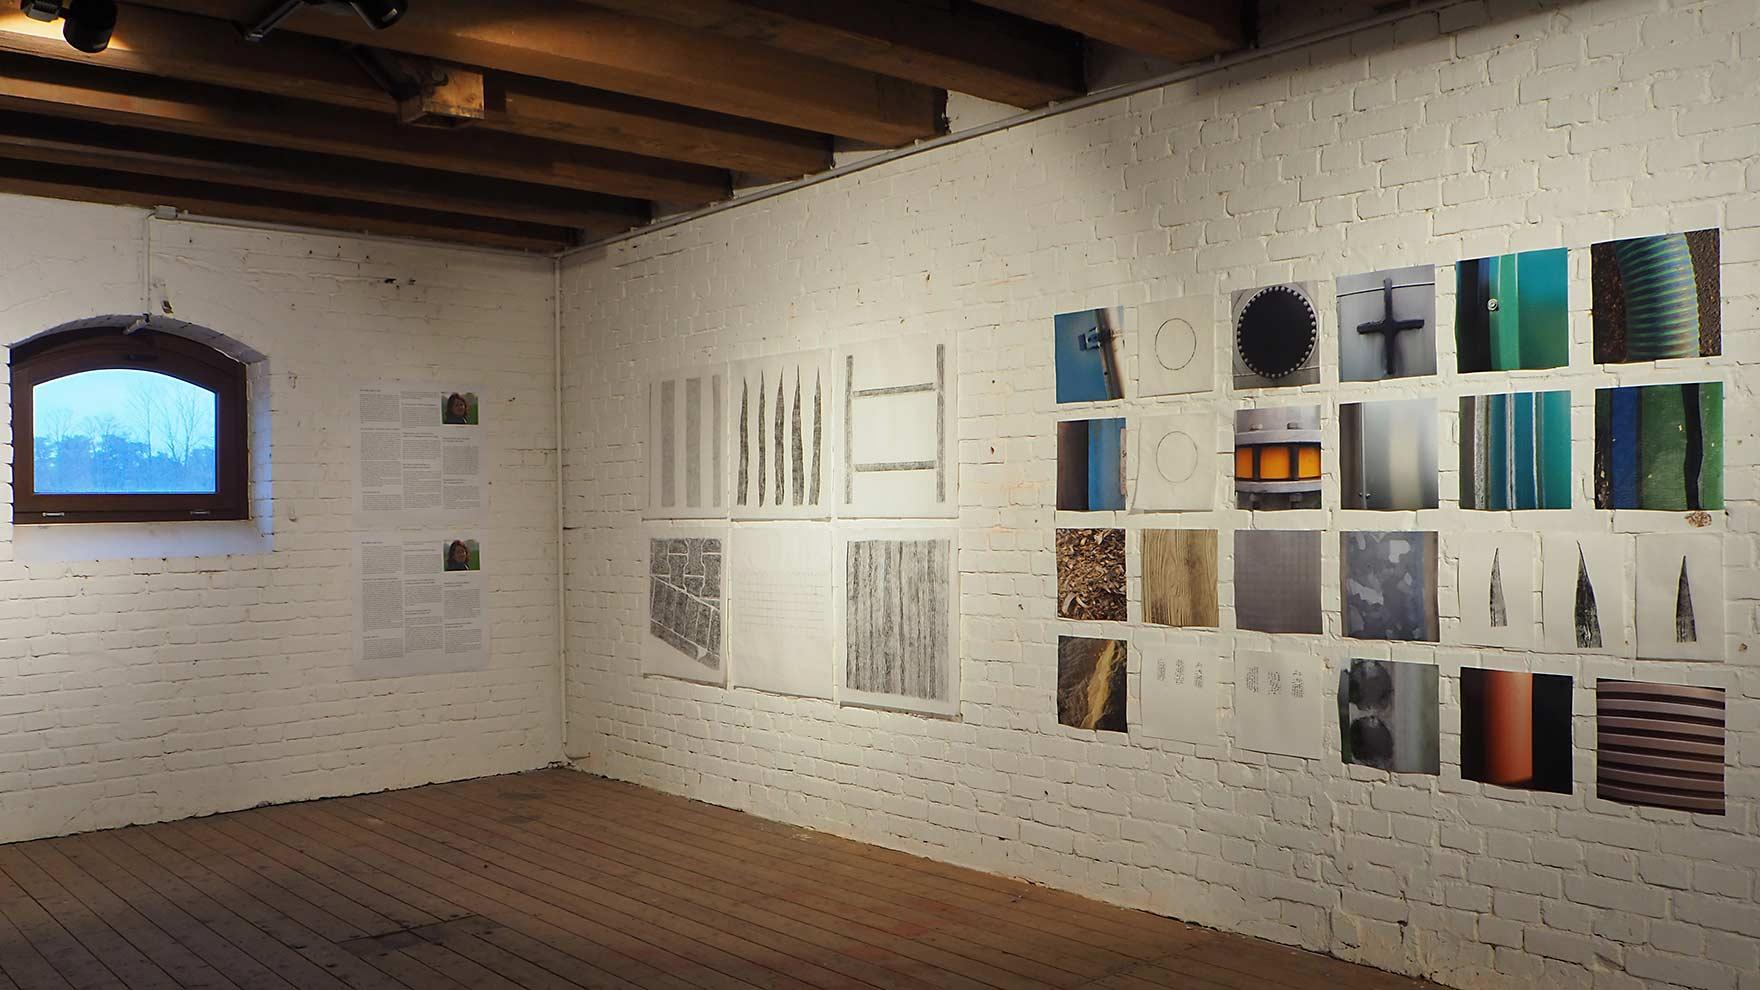 biogas Saerbeck - expositie in Kulturspeicher Dörenthe; frottages op wenzhou, intdrukken op wenzhou en etspapier, foto's